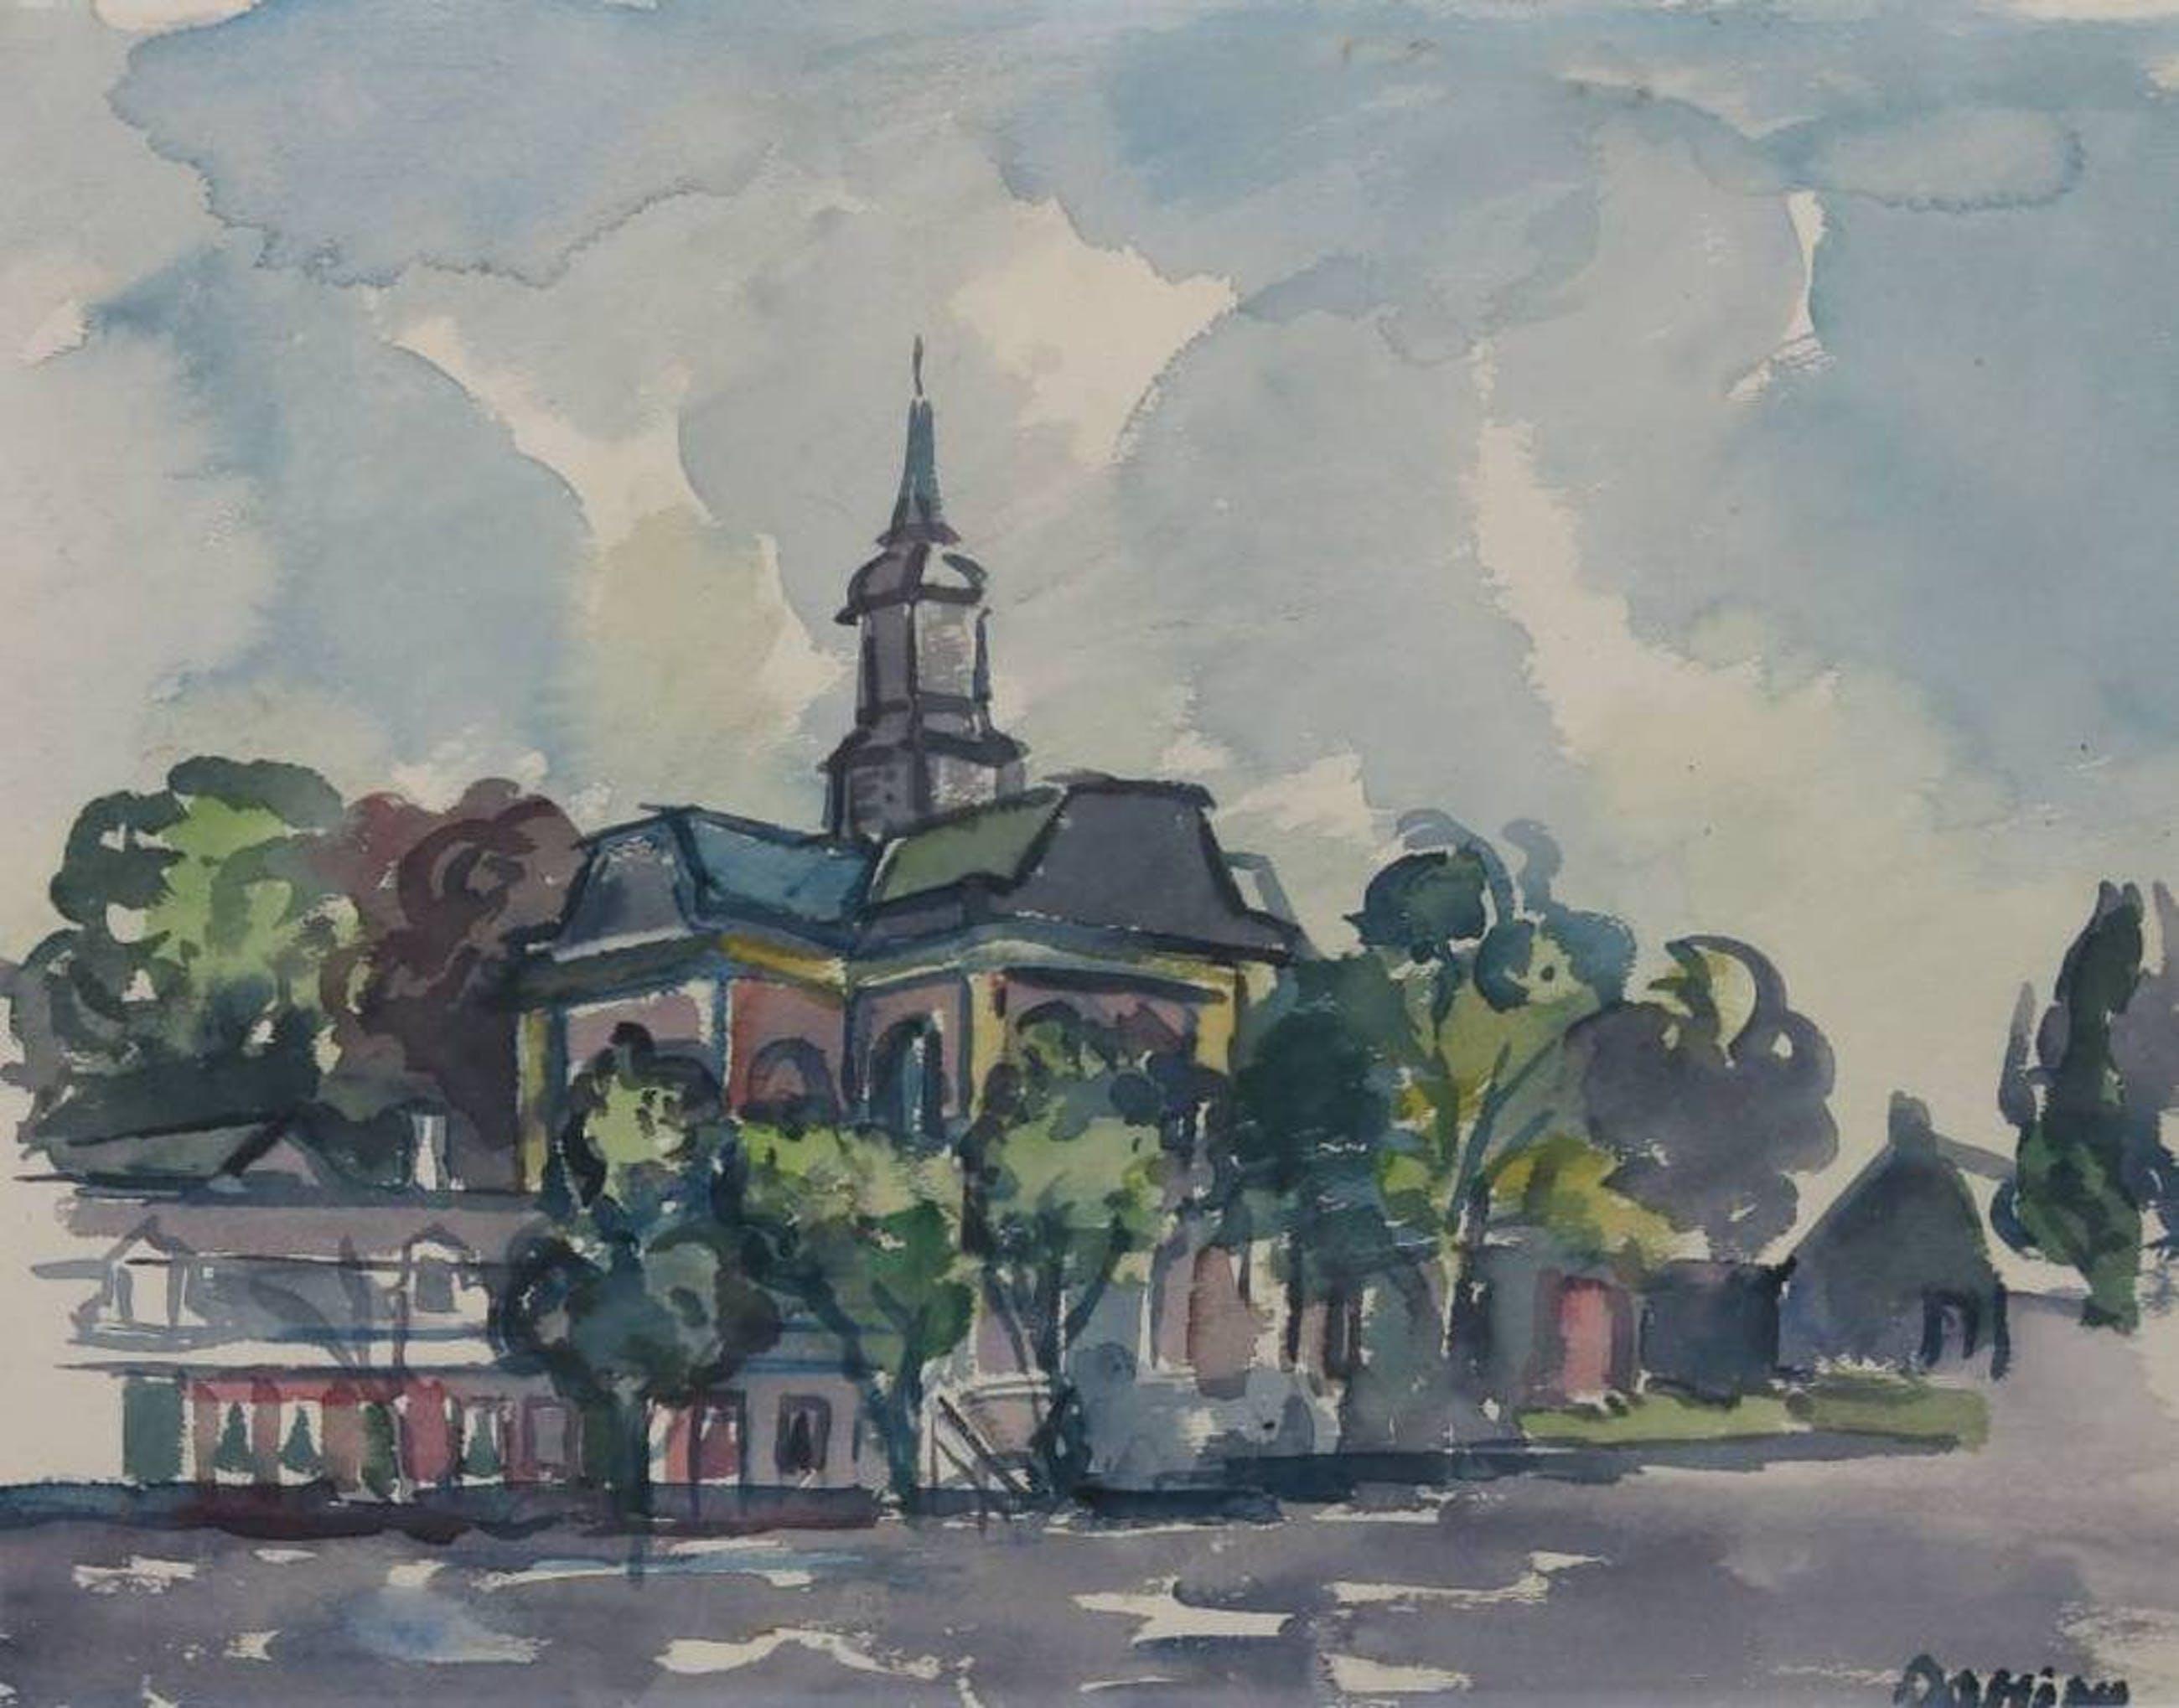 Jeanne Bieruma Oosting: Aquarel, Stadsgezicht met kerktoren - Ingelijst kopen? Bied vanaf 250!